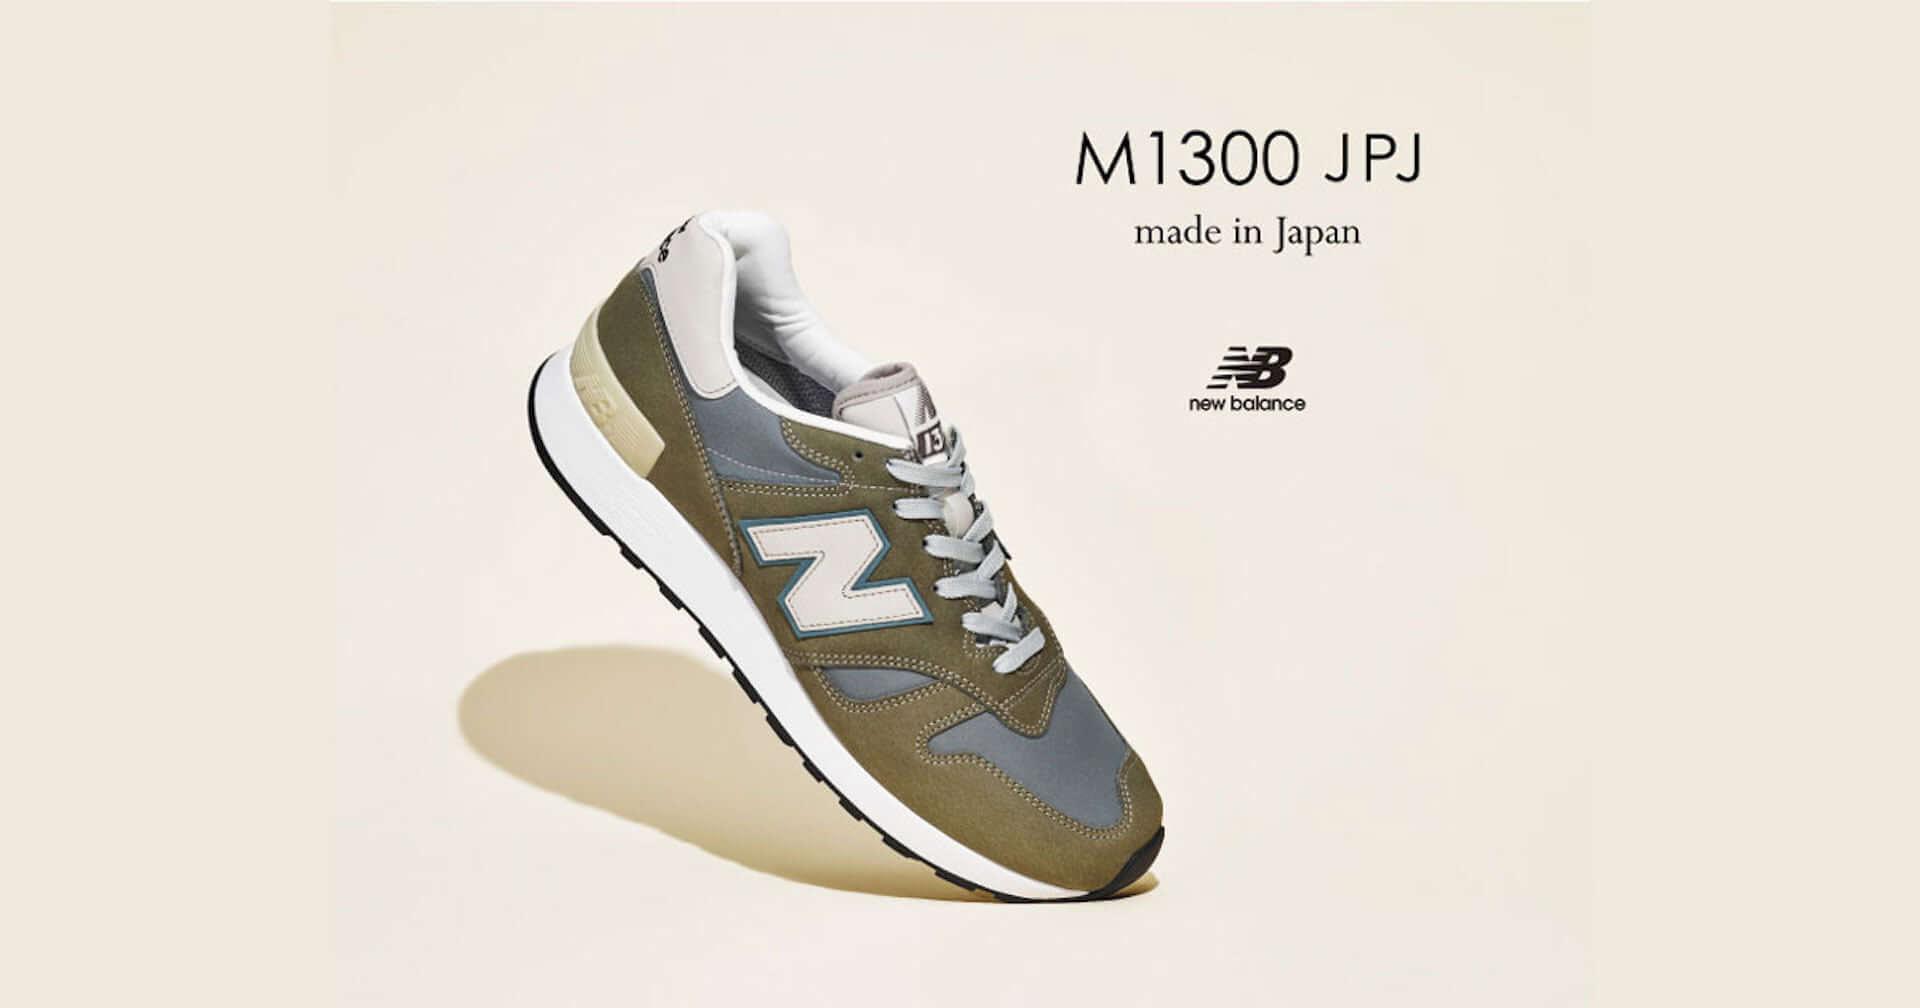 ニューバランス「M1300」祝35周年!シリーズ初の日本製モデルがハンドメイド&シューツリー付属の特別仕様で登場 lf200629_newbalance_1300_3-1920x1008